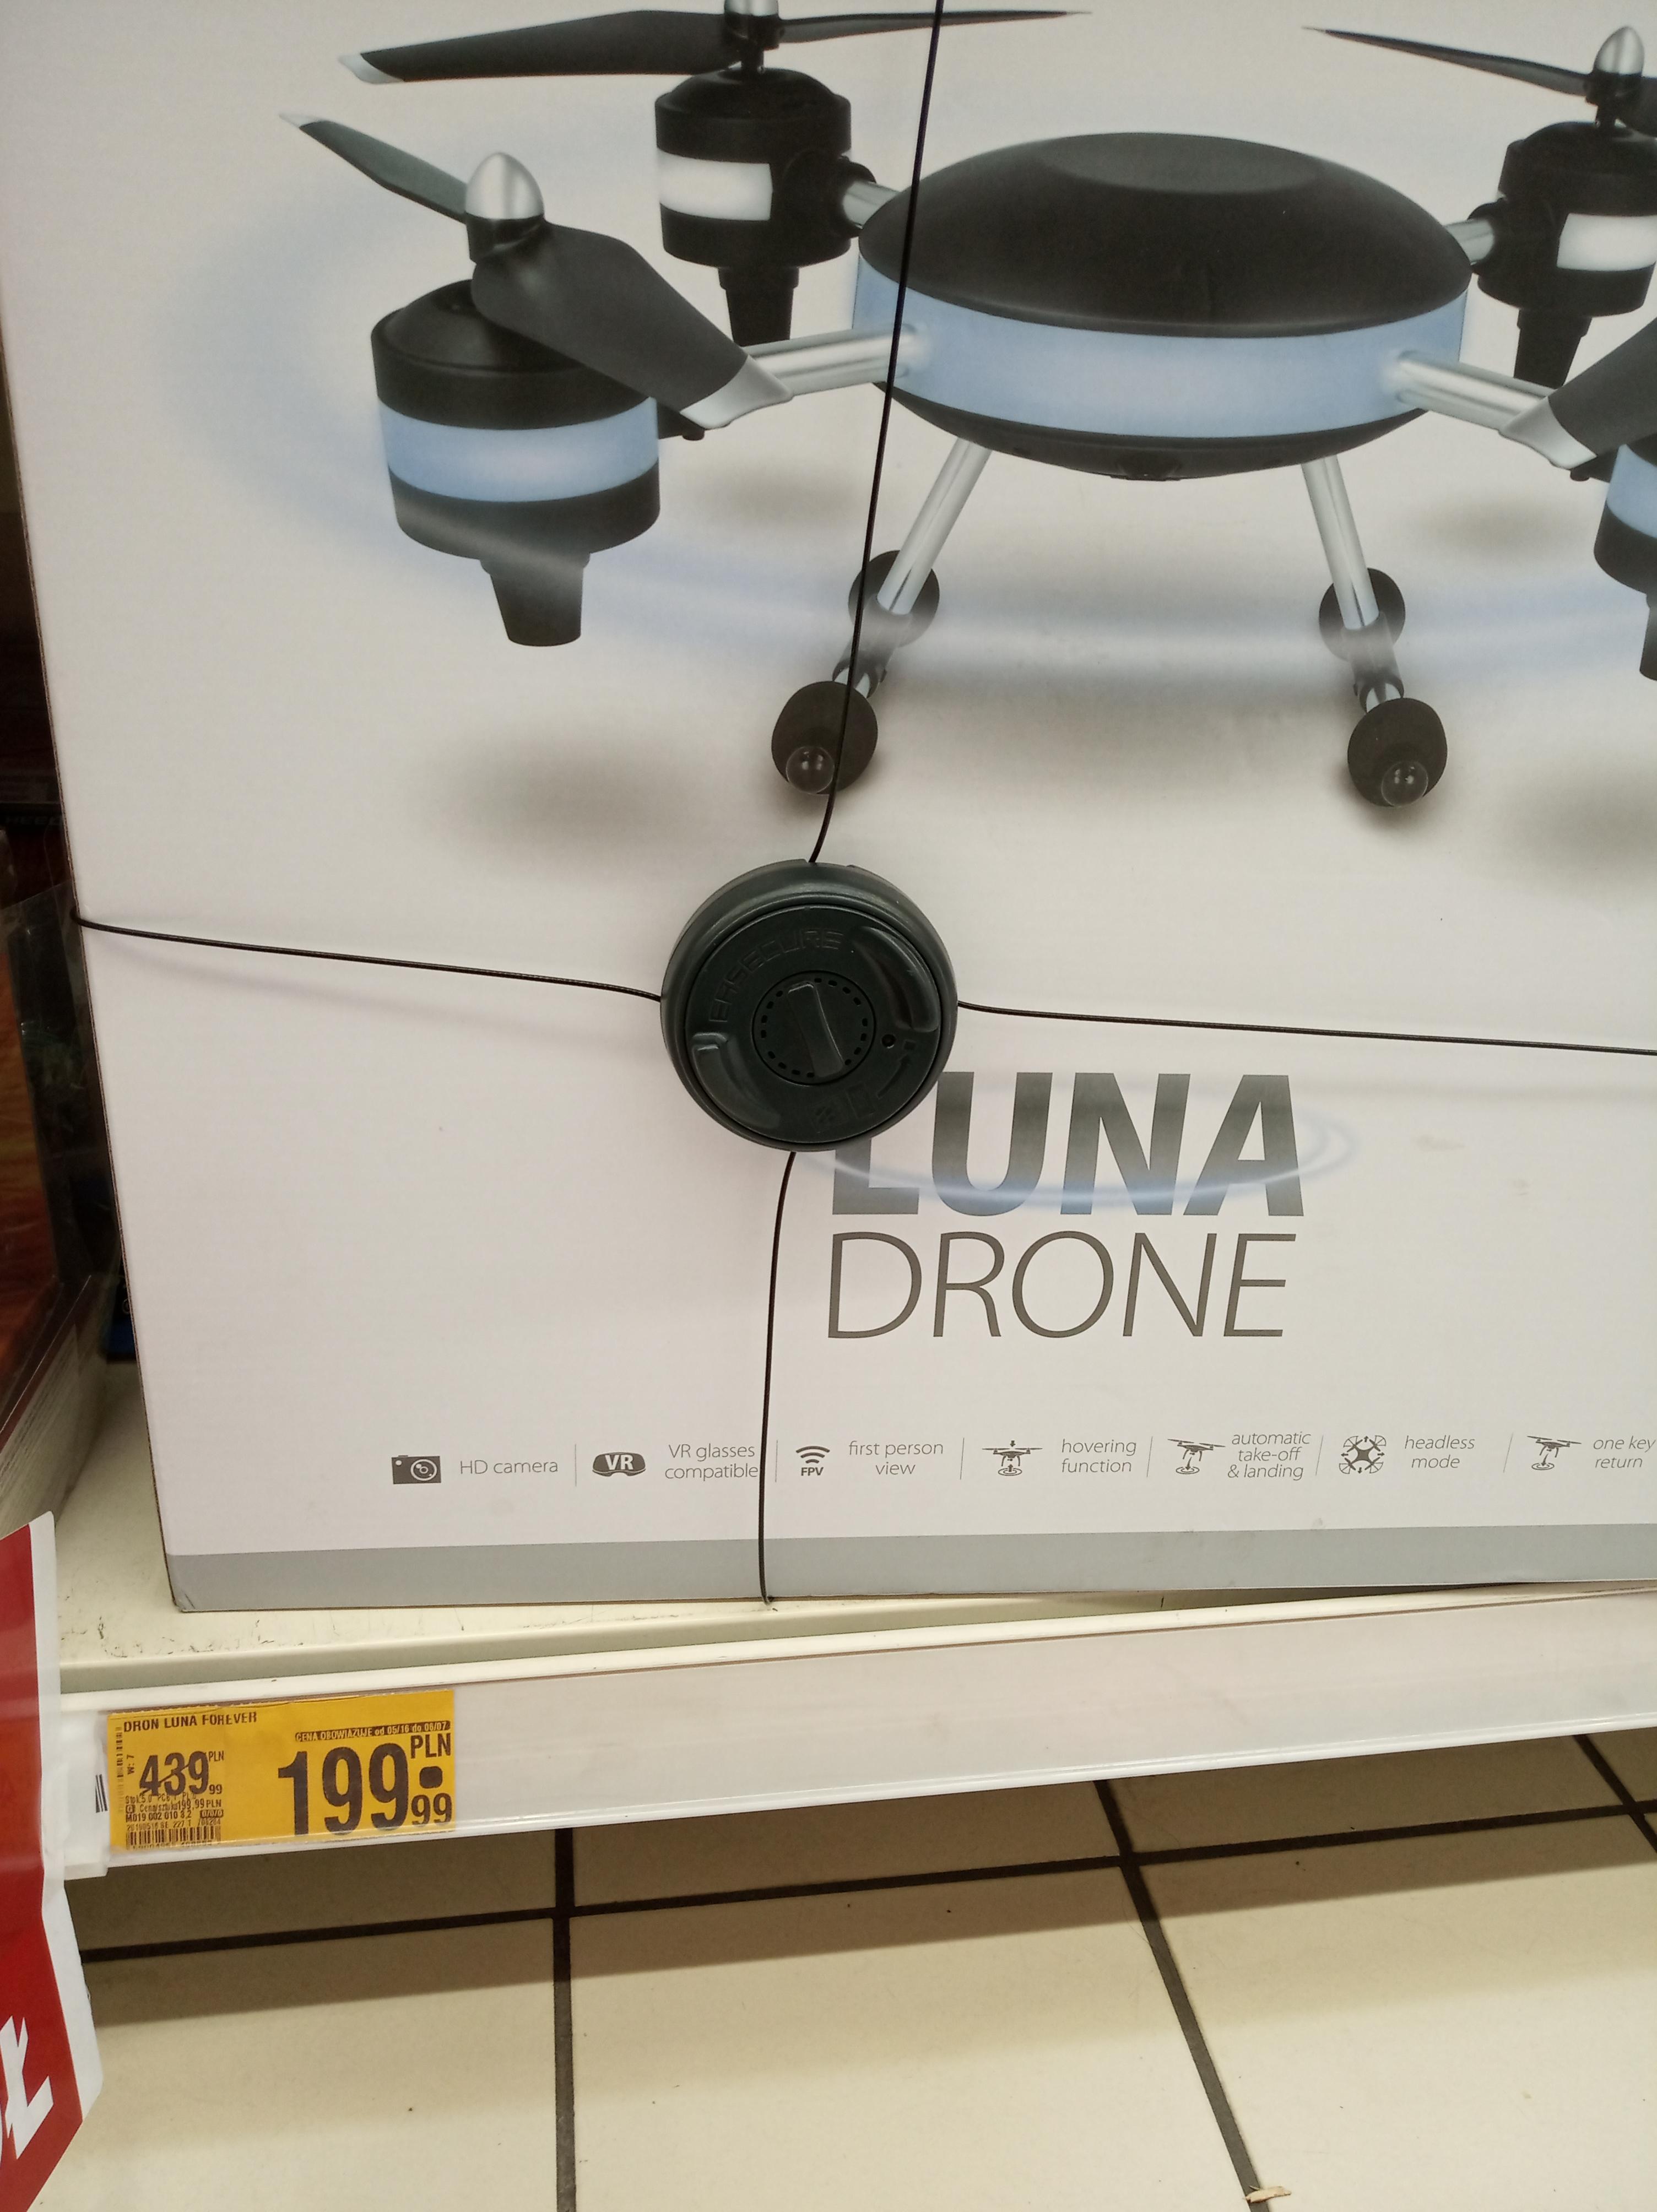 Luna DRONE i Vortex Drone , 2 Drony spotkane w Auchan ZABRZE  (platan)